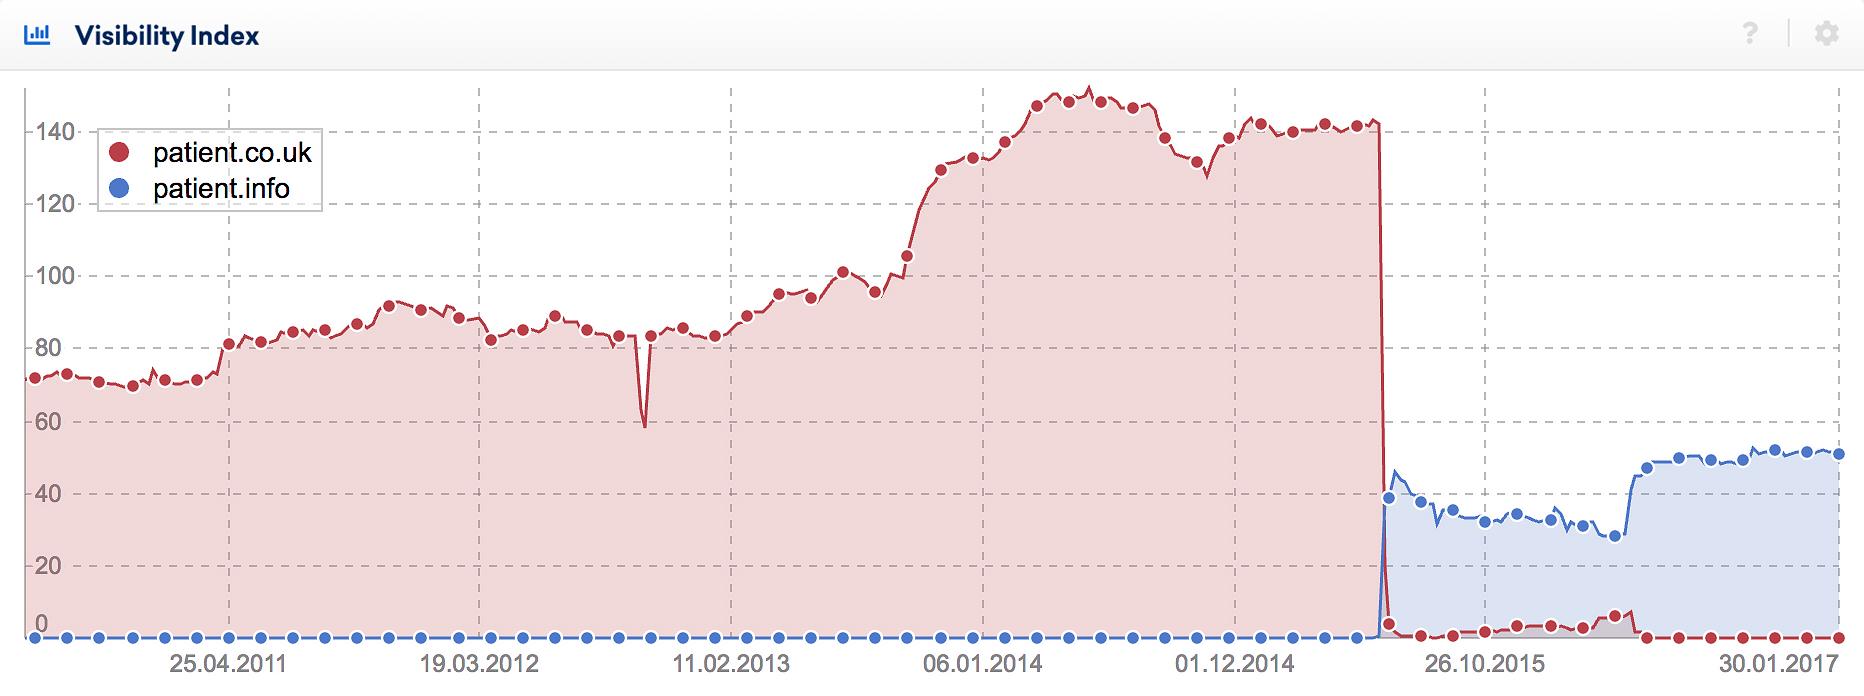 Patient.co.uk domain move